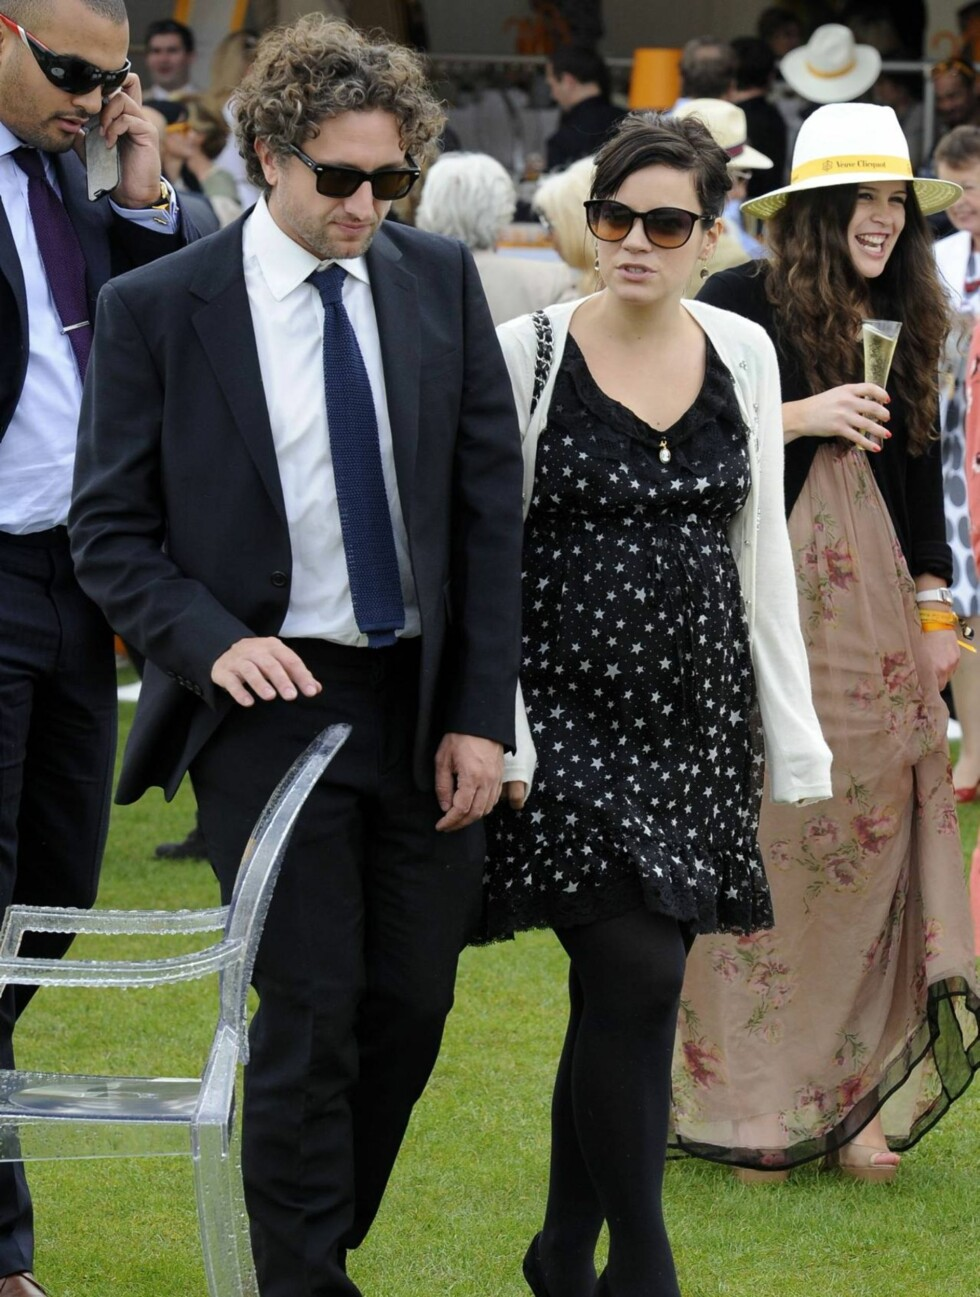 UMULIG Å SKJULE: Det var i sitt eget bryllup i juni at Lily Allen ikke lenger klarte å skjule graviditeten. Nå prøver hun heller ikke å legge skjul på at hun venter barn. Foto: All Over Press